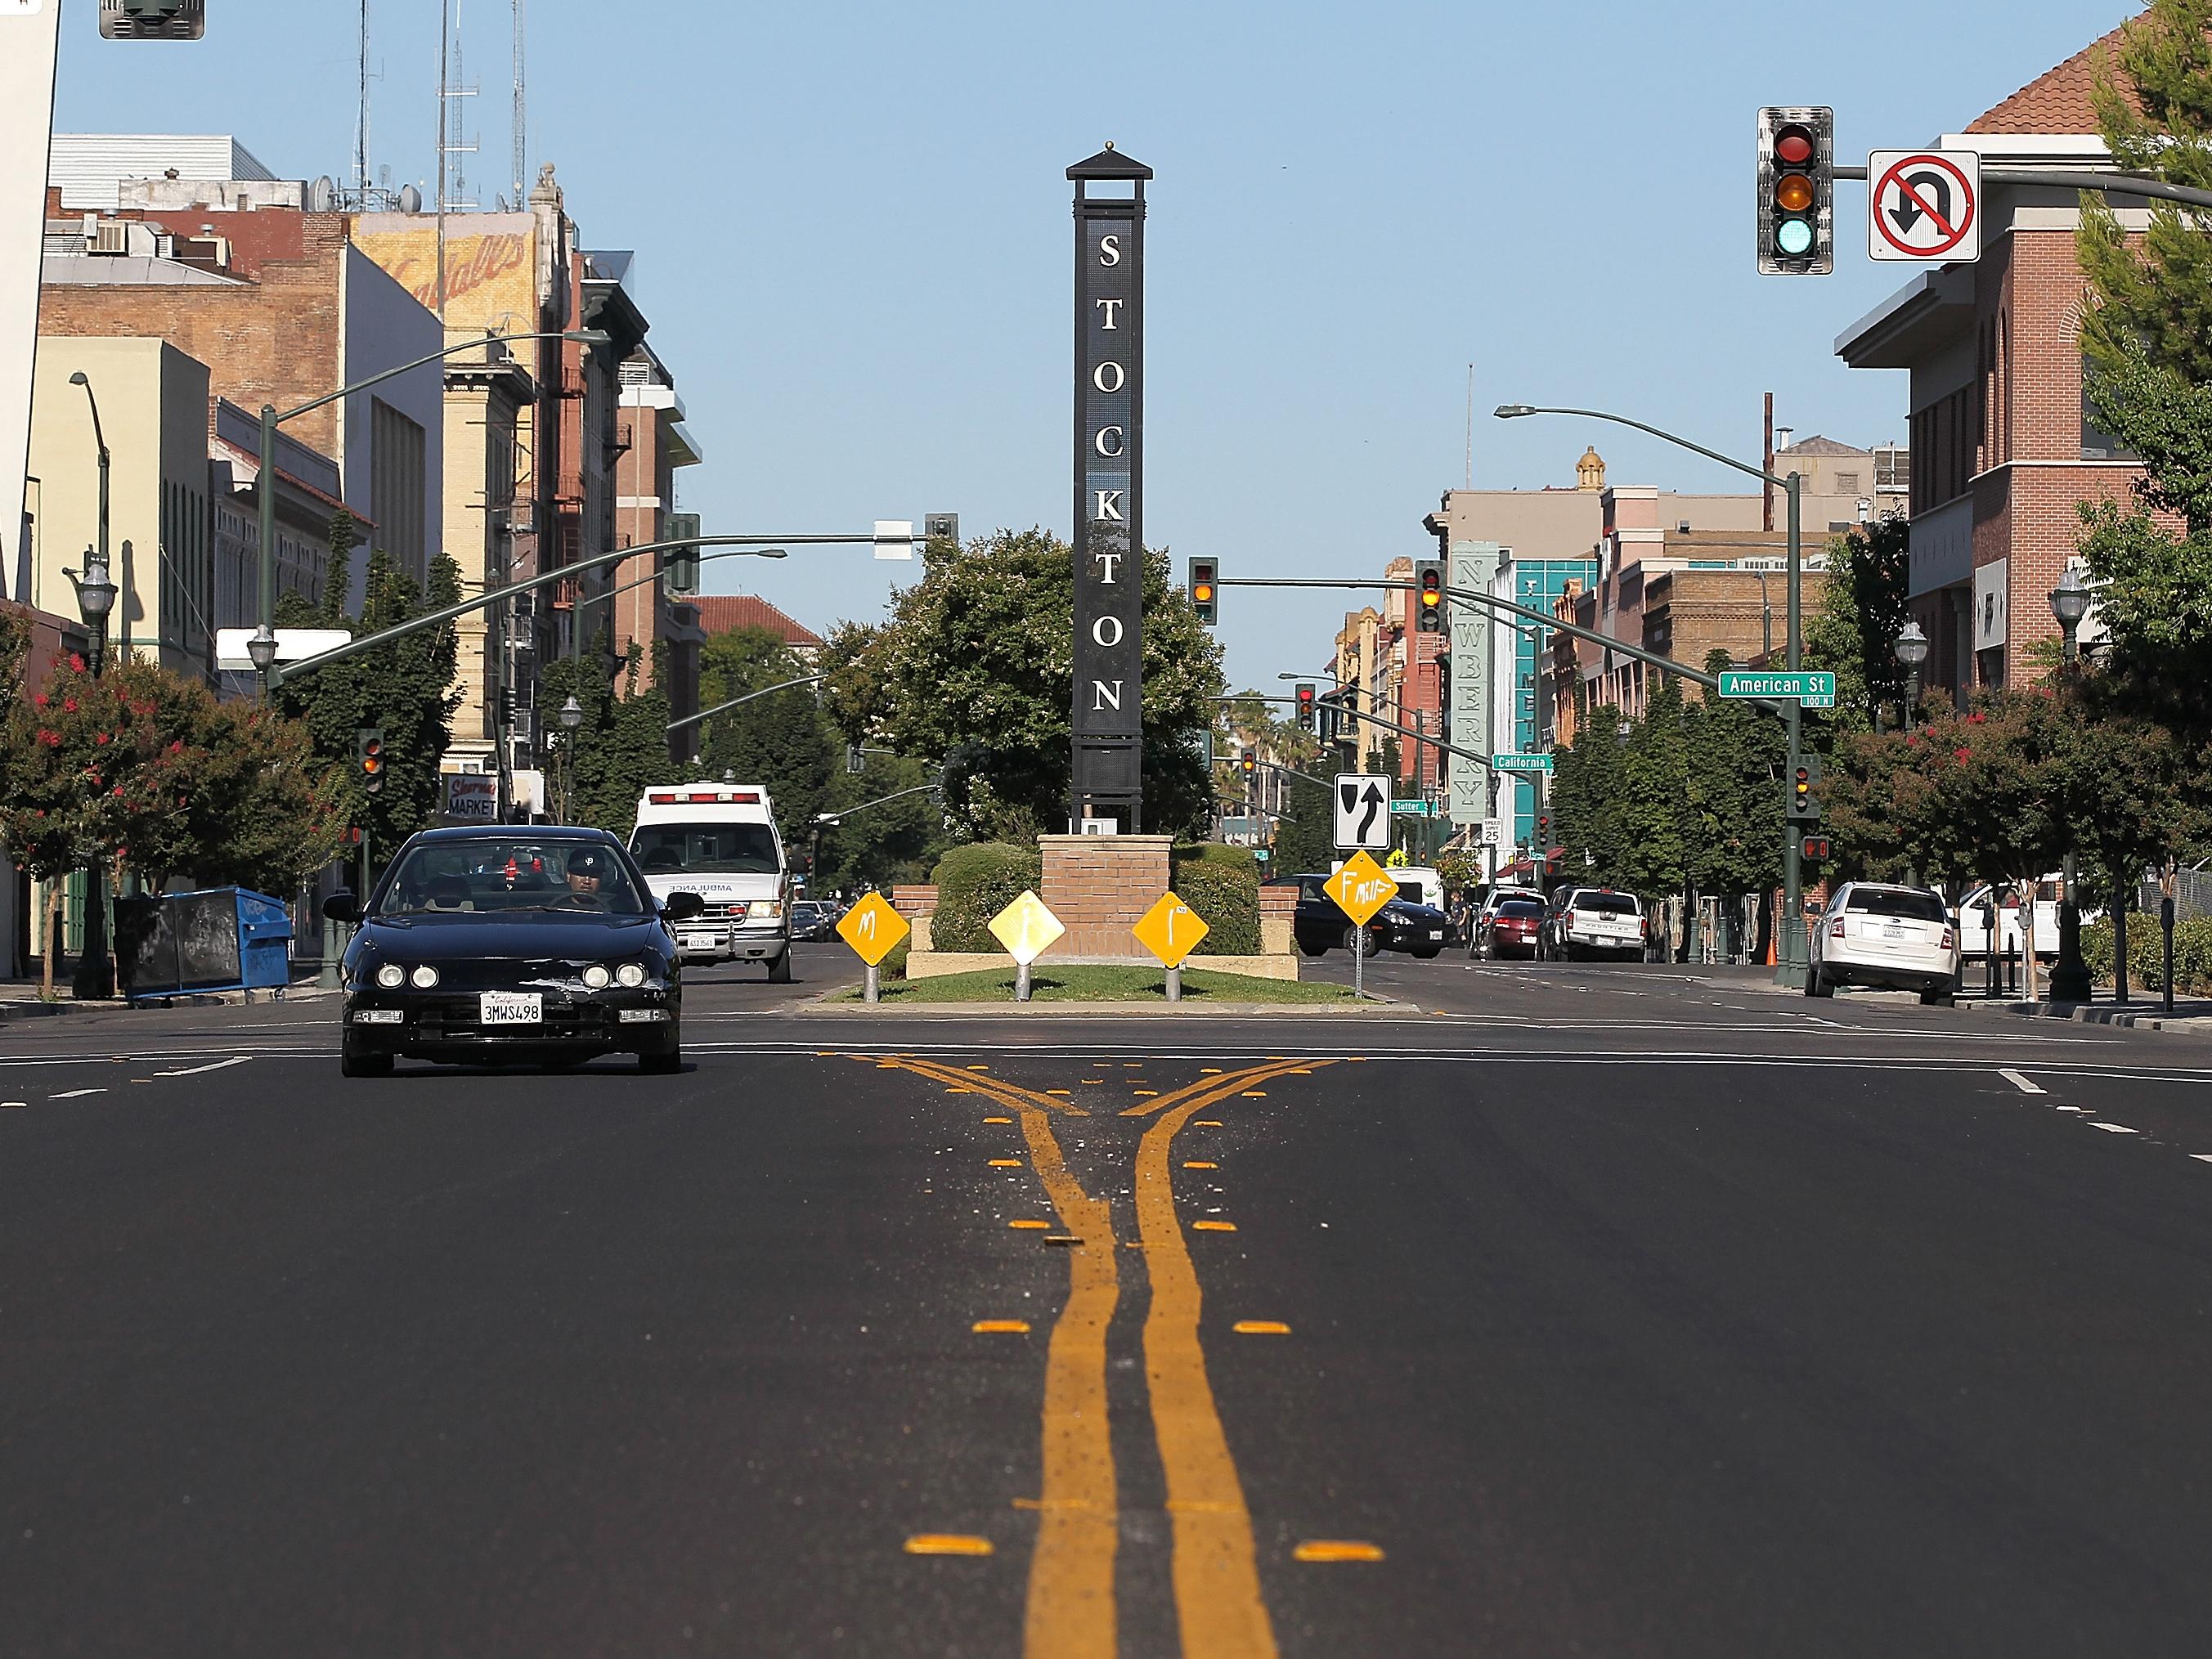 Report: Stockton, Calif., has more murders